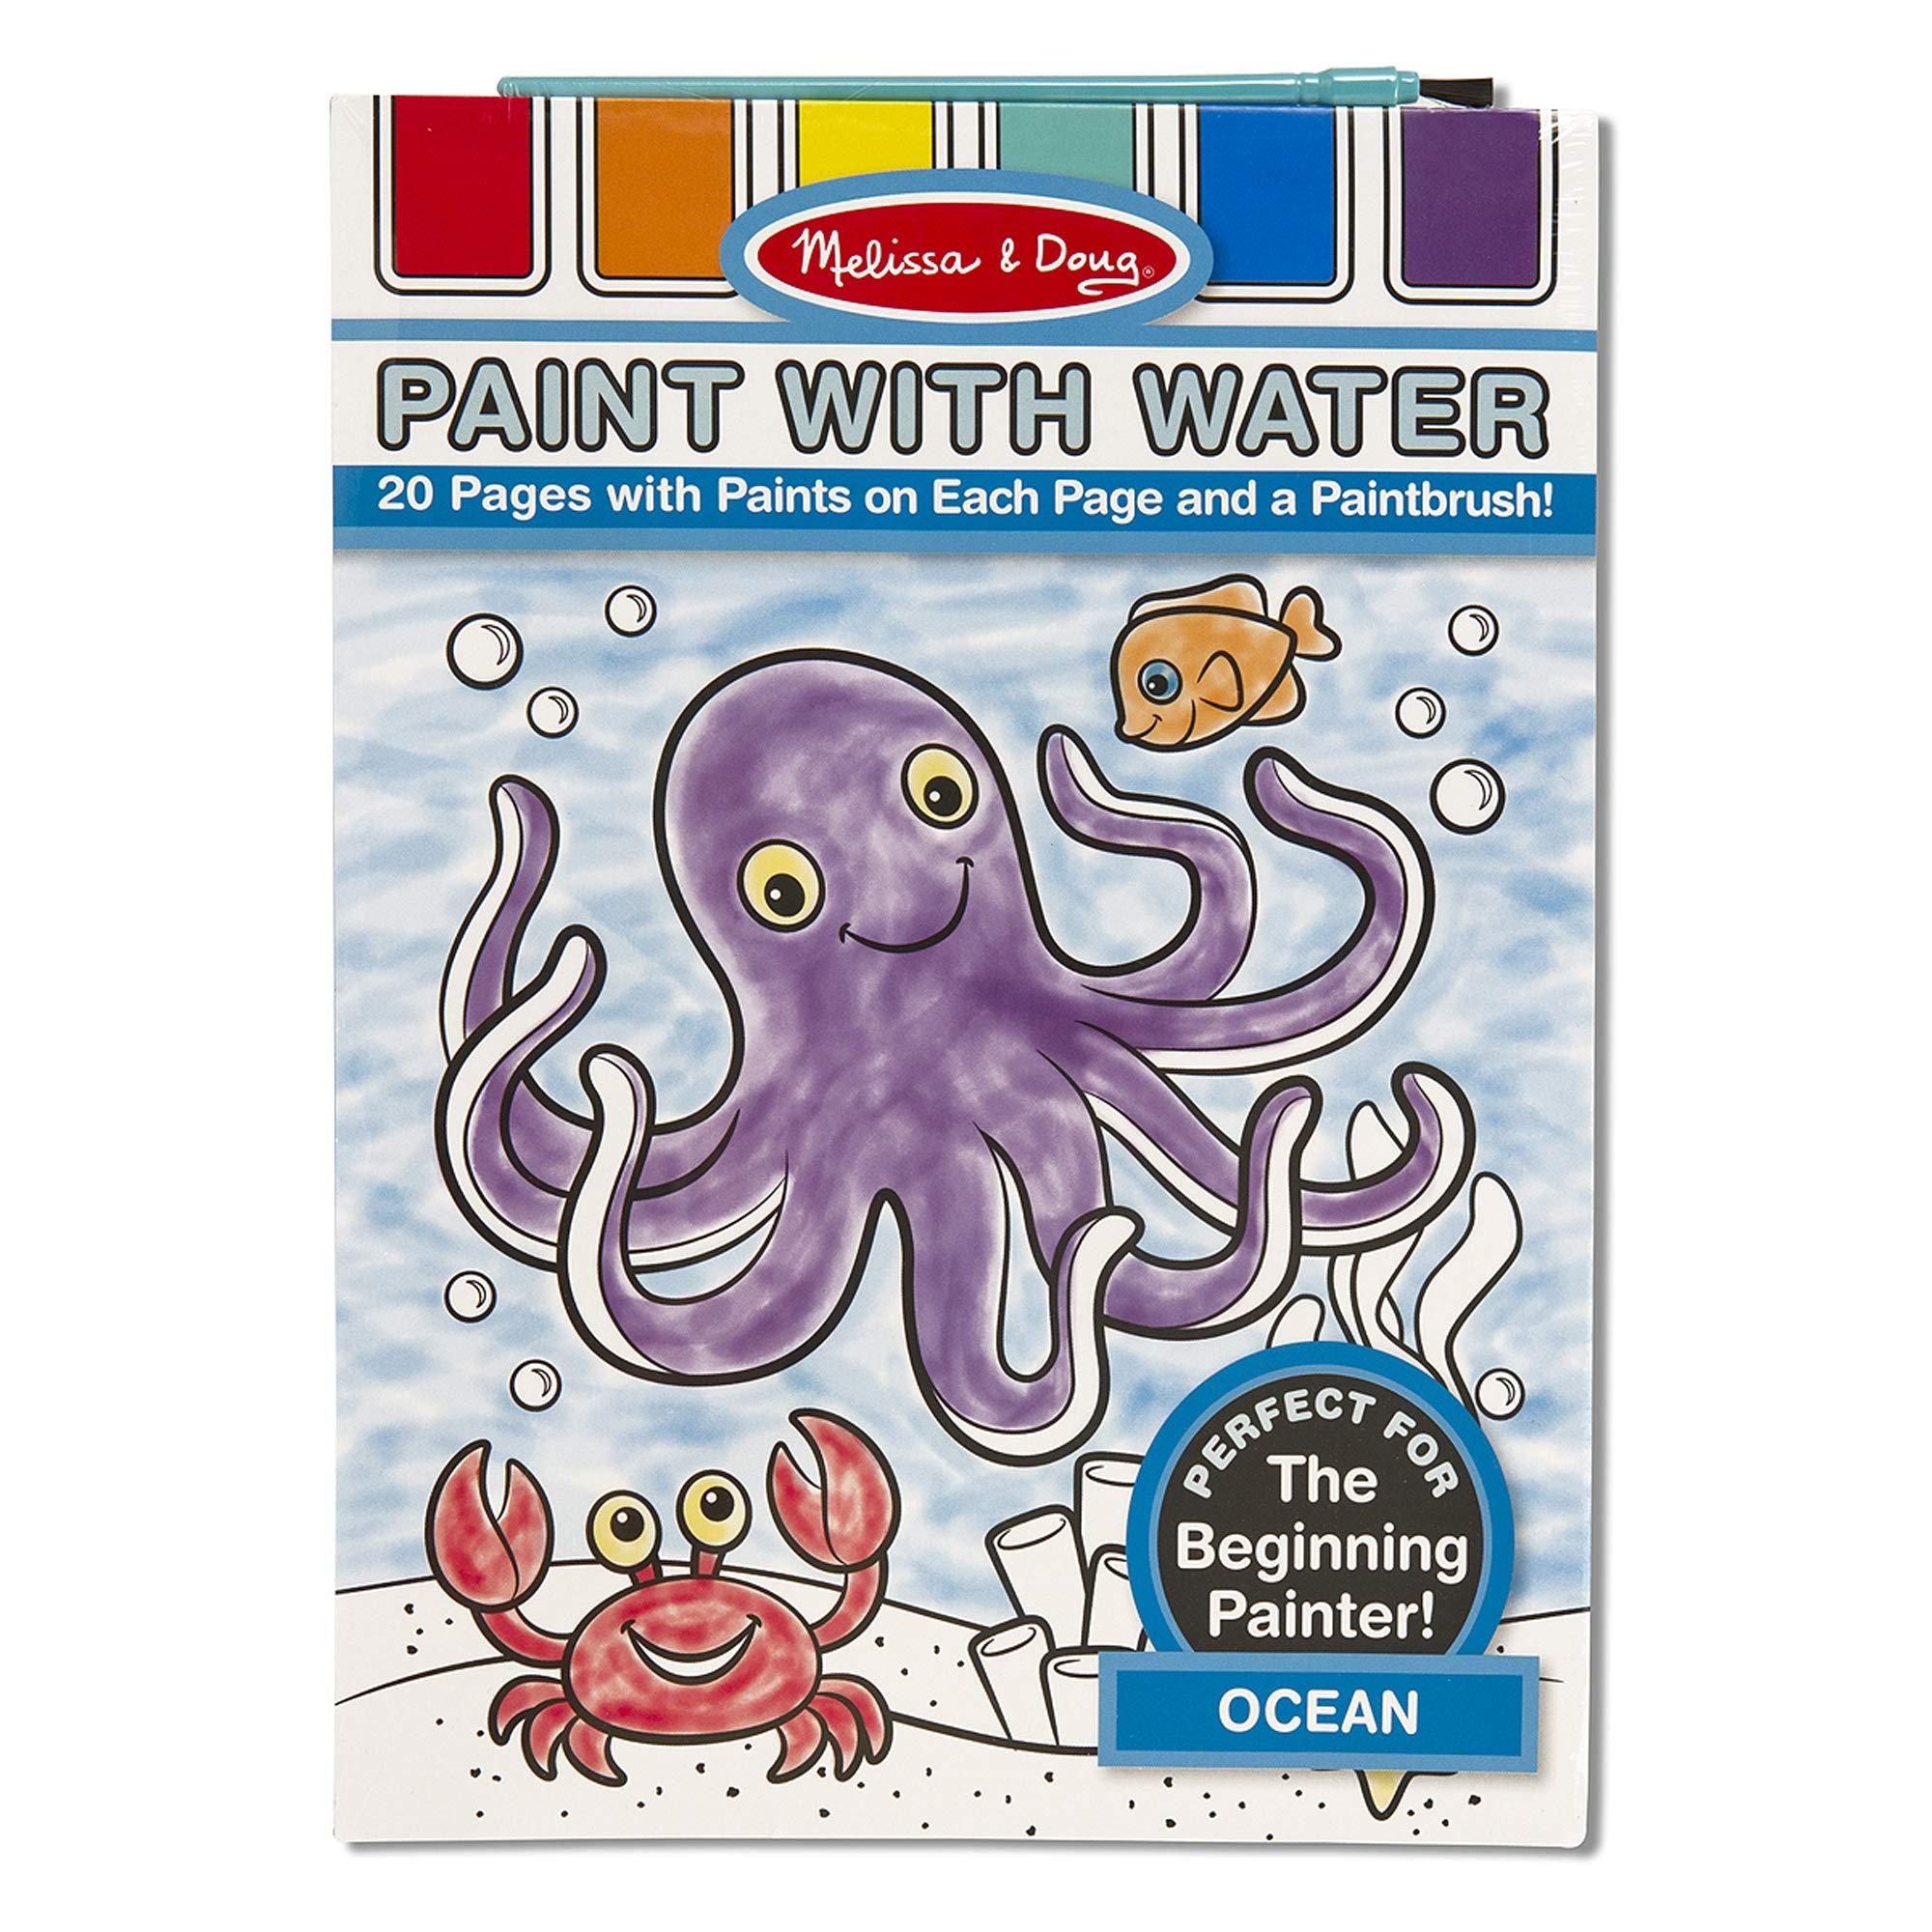 Melissa & Doug Paint with Water - Ocean